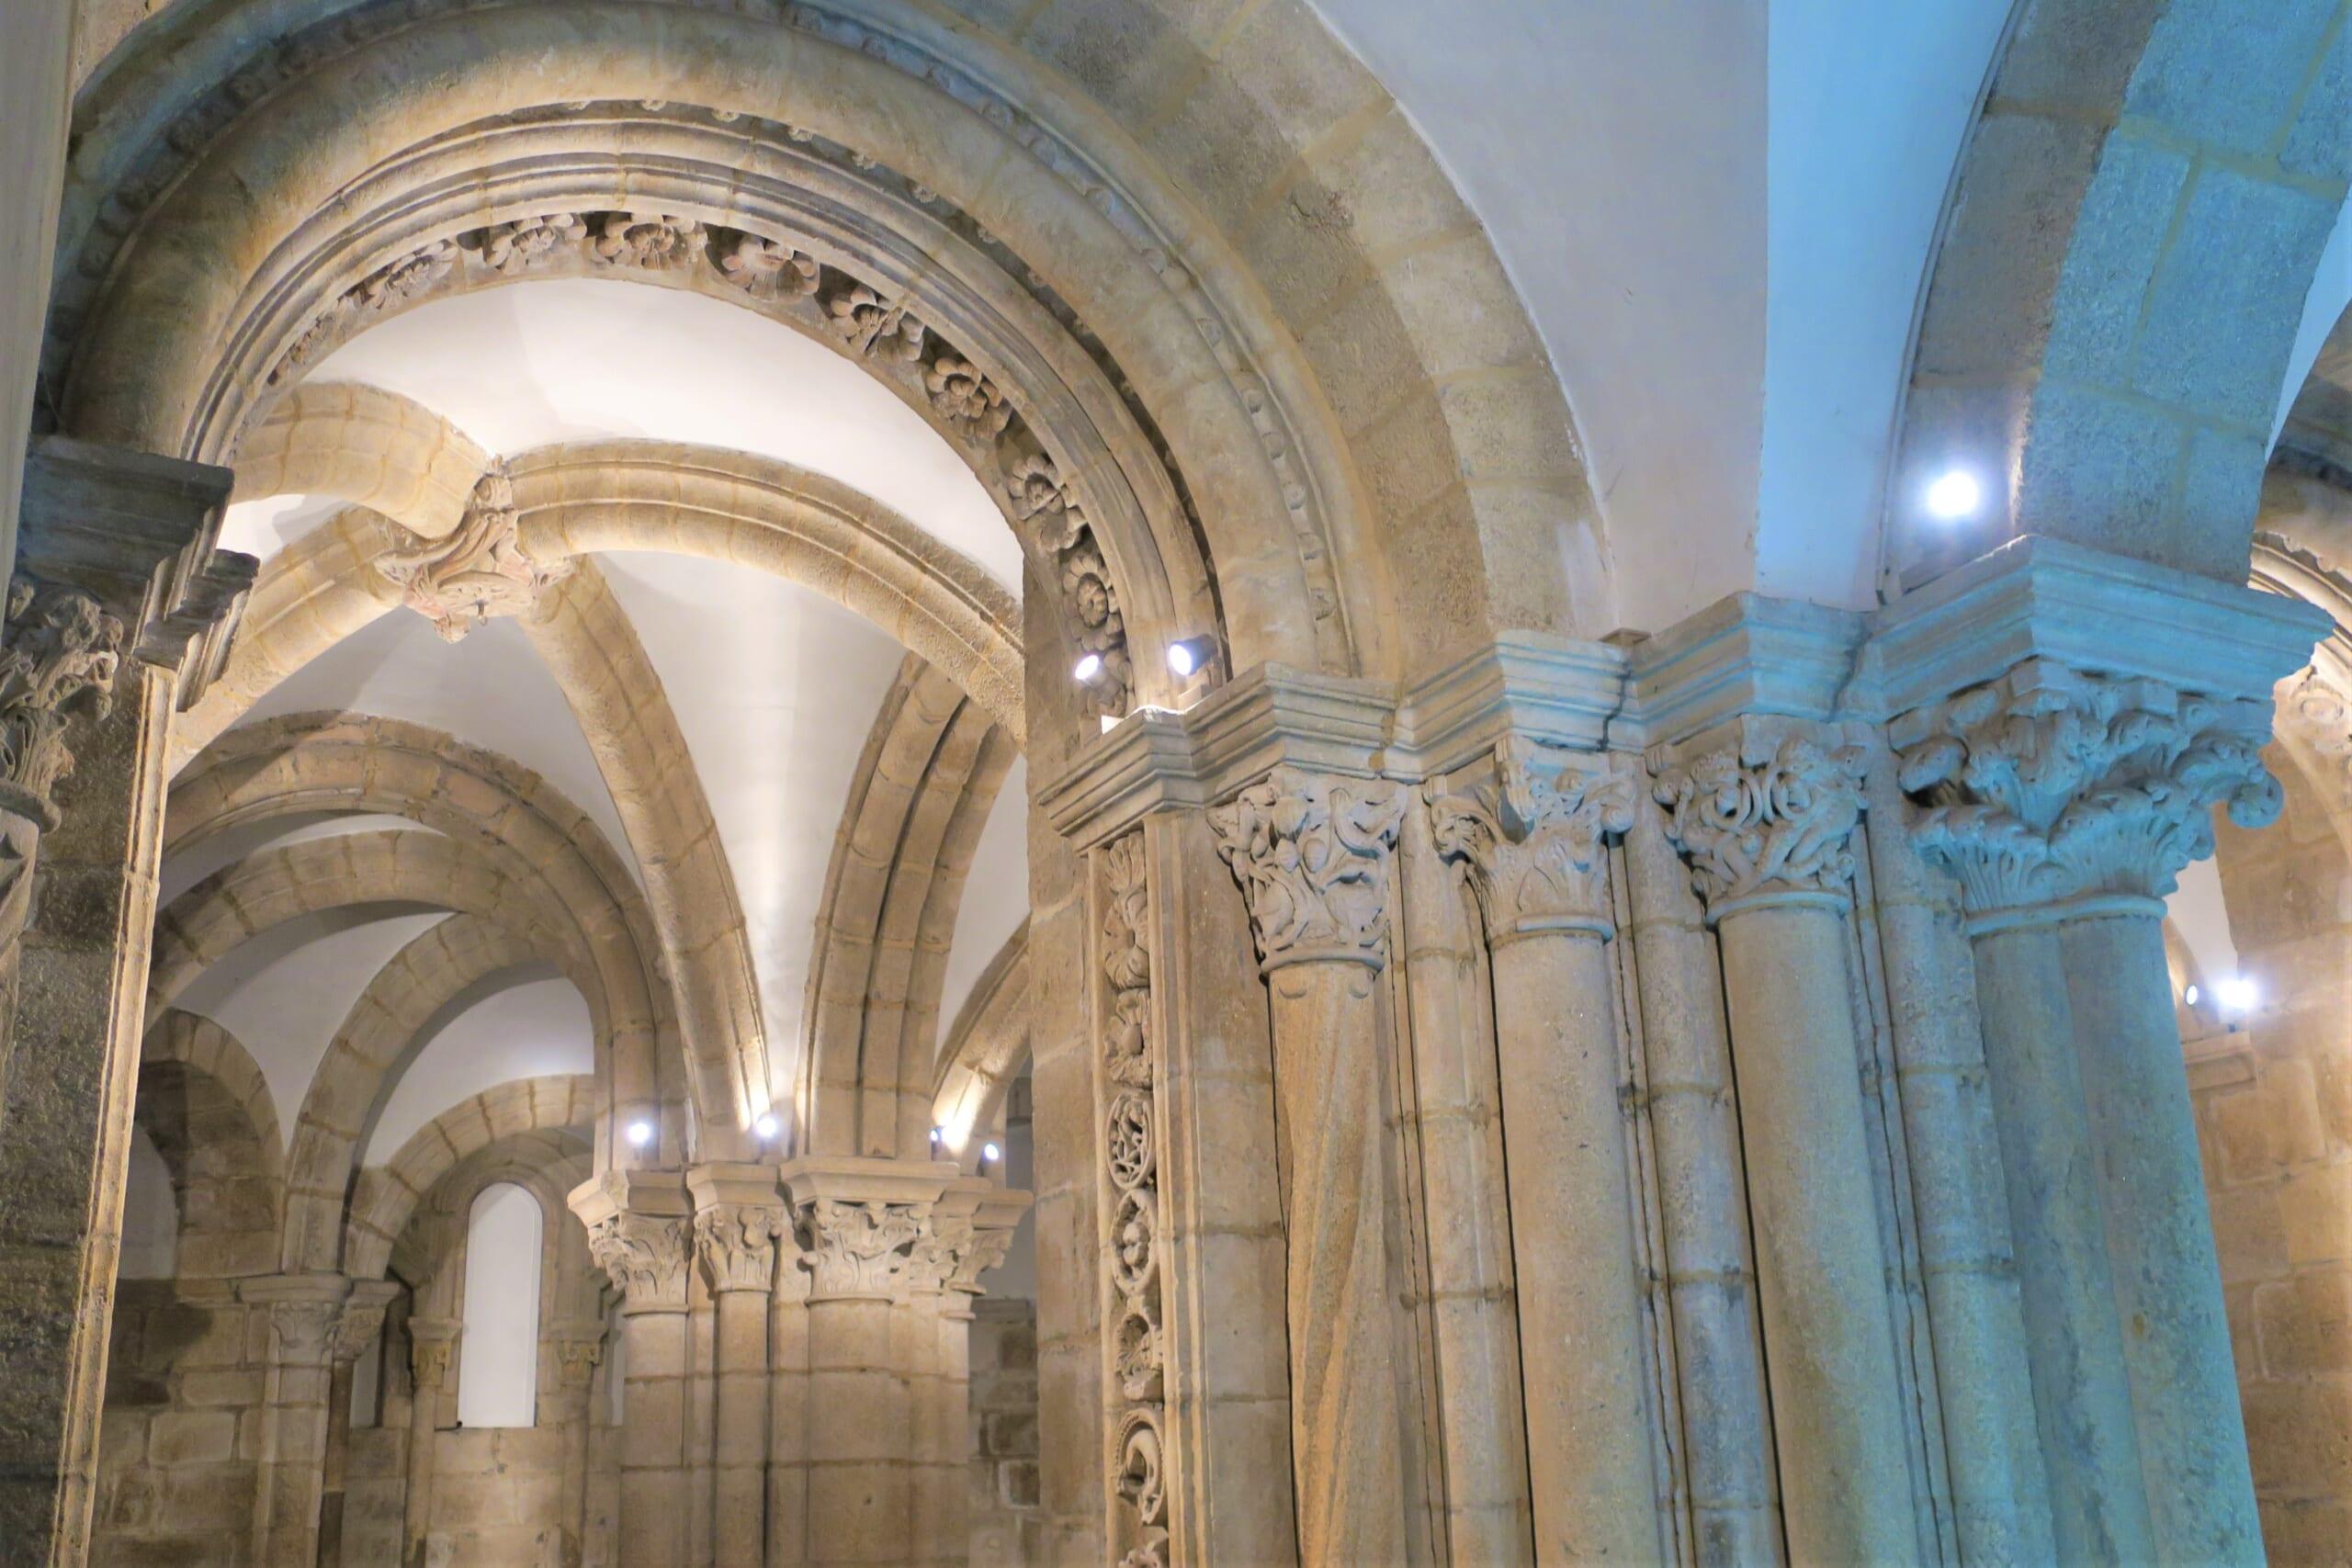 北スペインのサンティアゴ巡礼路の最終目的地であるサンティアゴ・デ・コンポステーラ大聖堂のロマネスク装飾